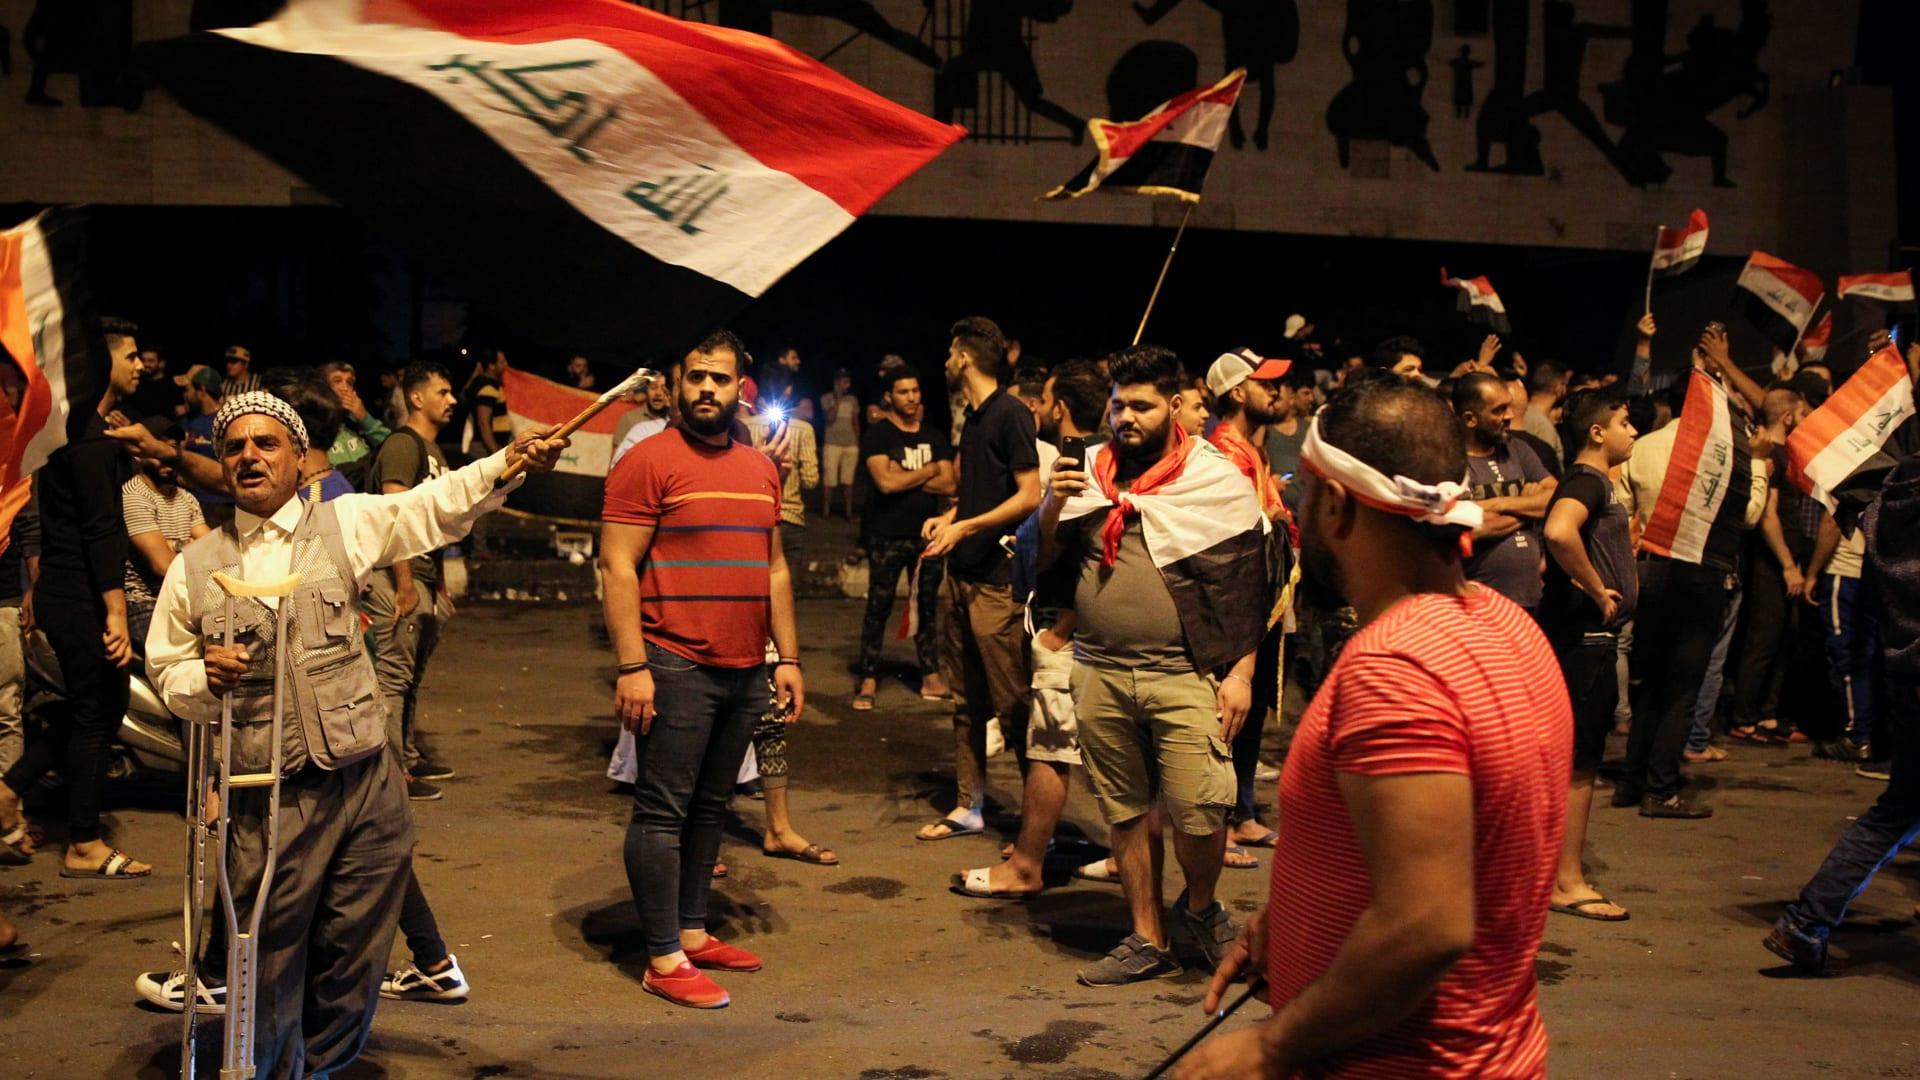 """أحداث ساحة التحرير.. الجيش العراقي يعلن فتح تحقيق ويرفض """"الاستفزاز"""""""